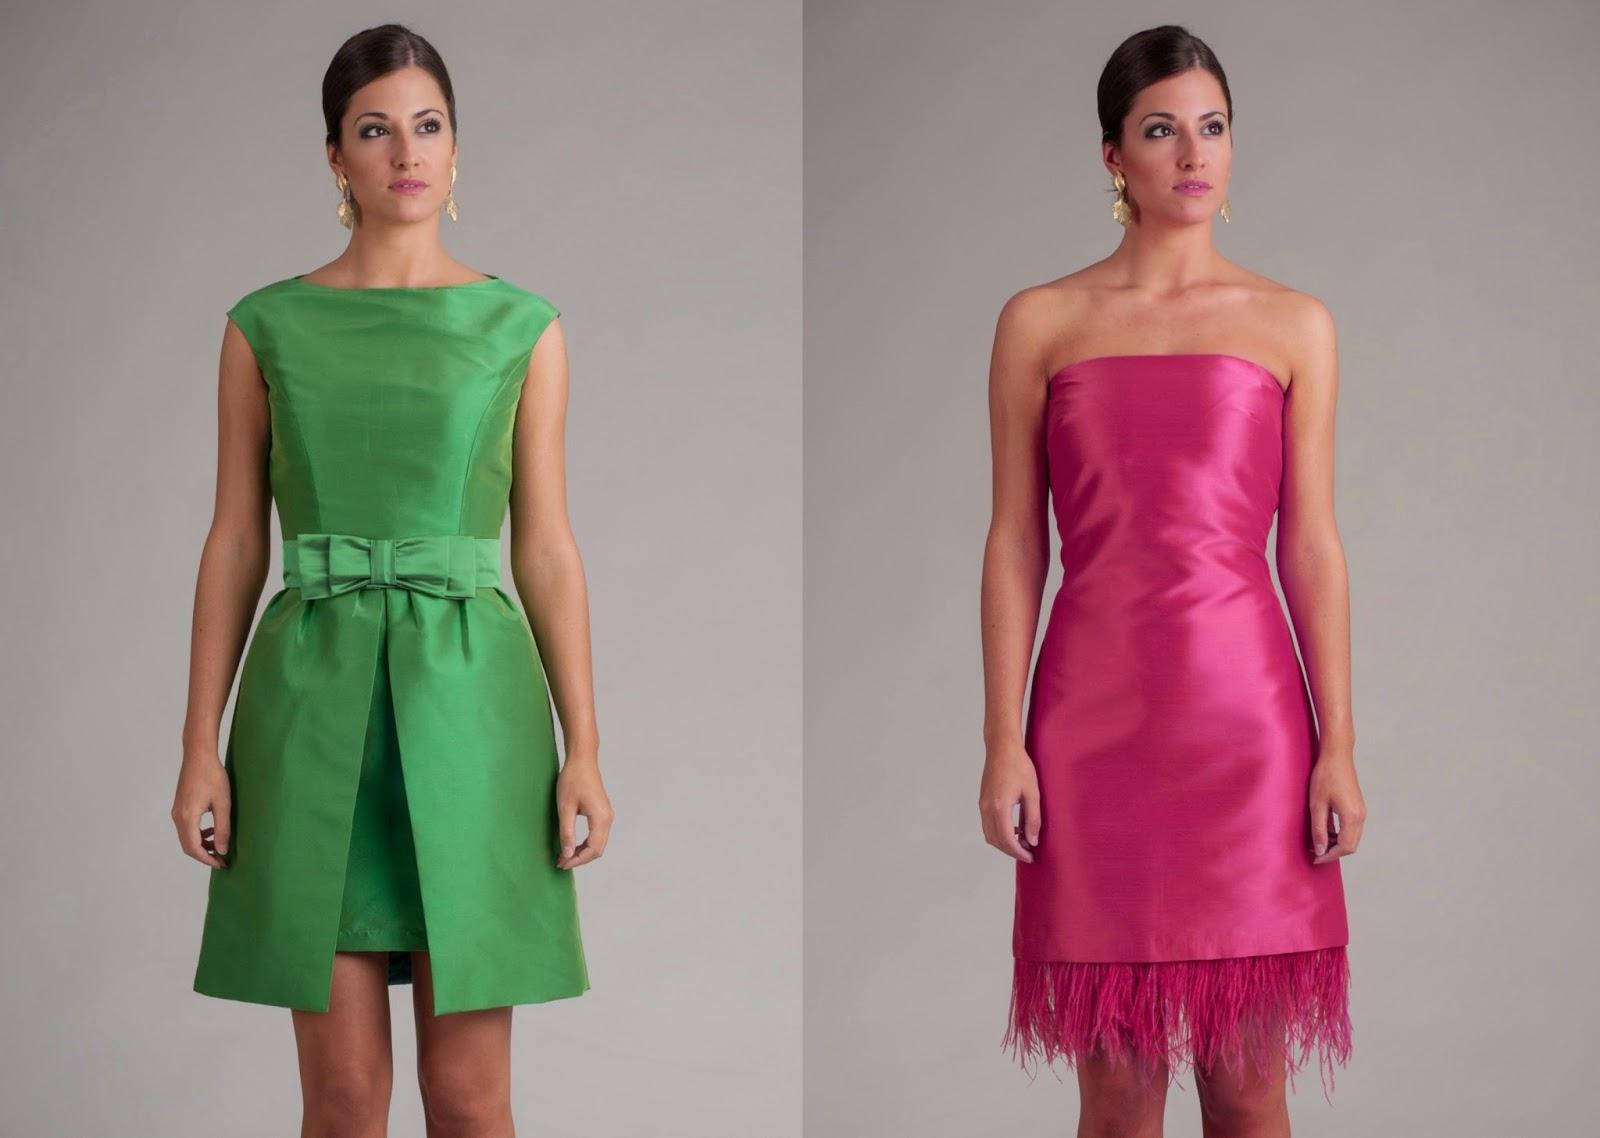 Vestidos de la colección primavera-verano 2014 de Blancaspina